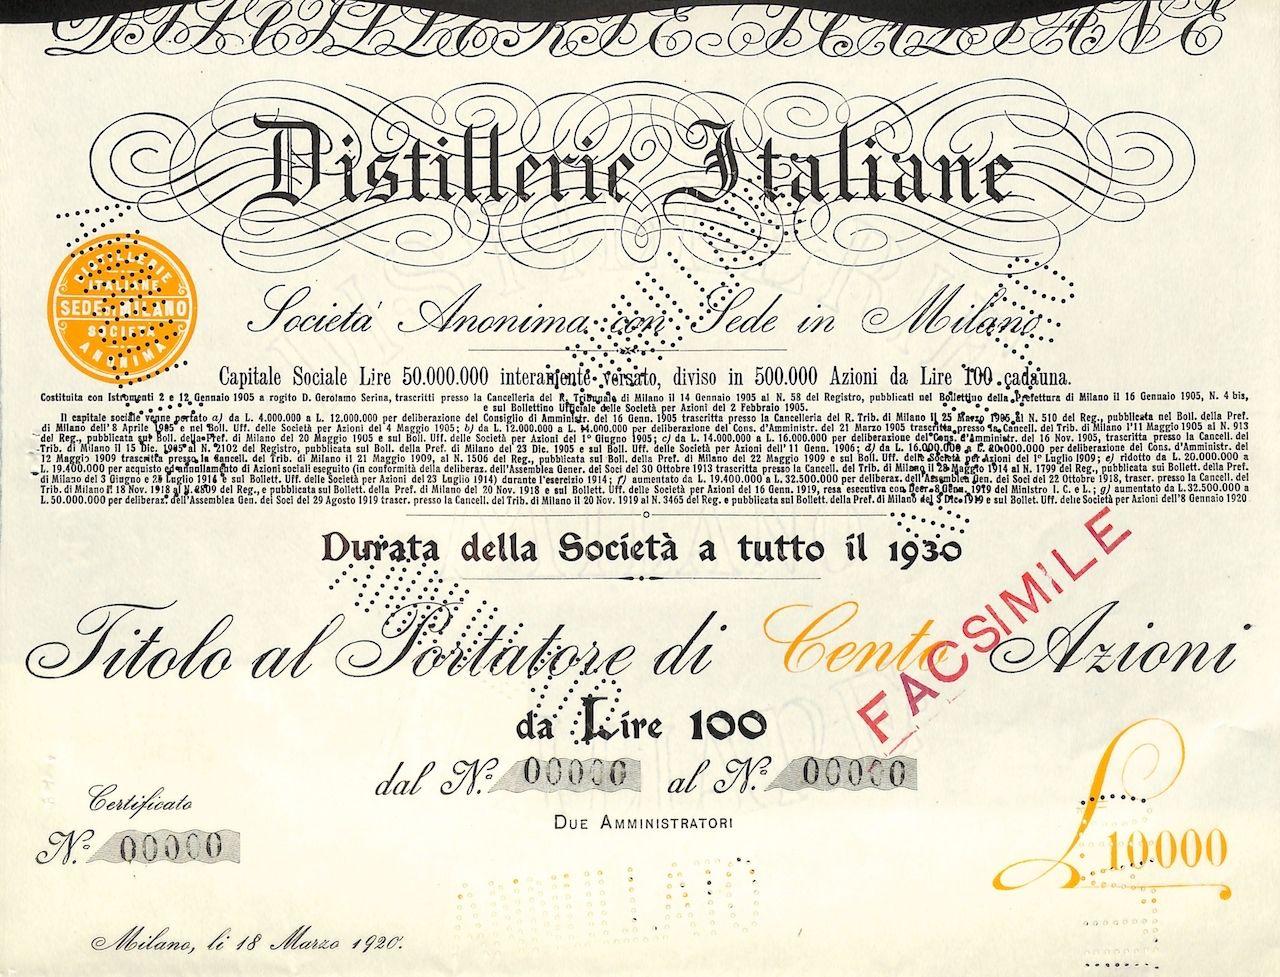 DISTILLERIE ITALIANE - #scripomarket #scriposigns #scripofilia #scripophily #finanza #finance #collezionismo #collectibles #arte #art #scripoart #scripoarte #borsa #stock #azioni #bonds #obbligazioni